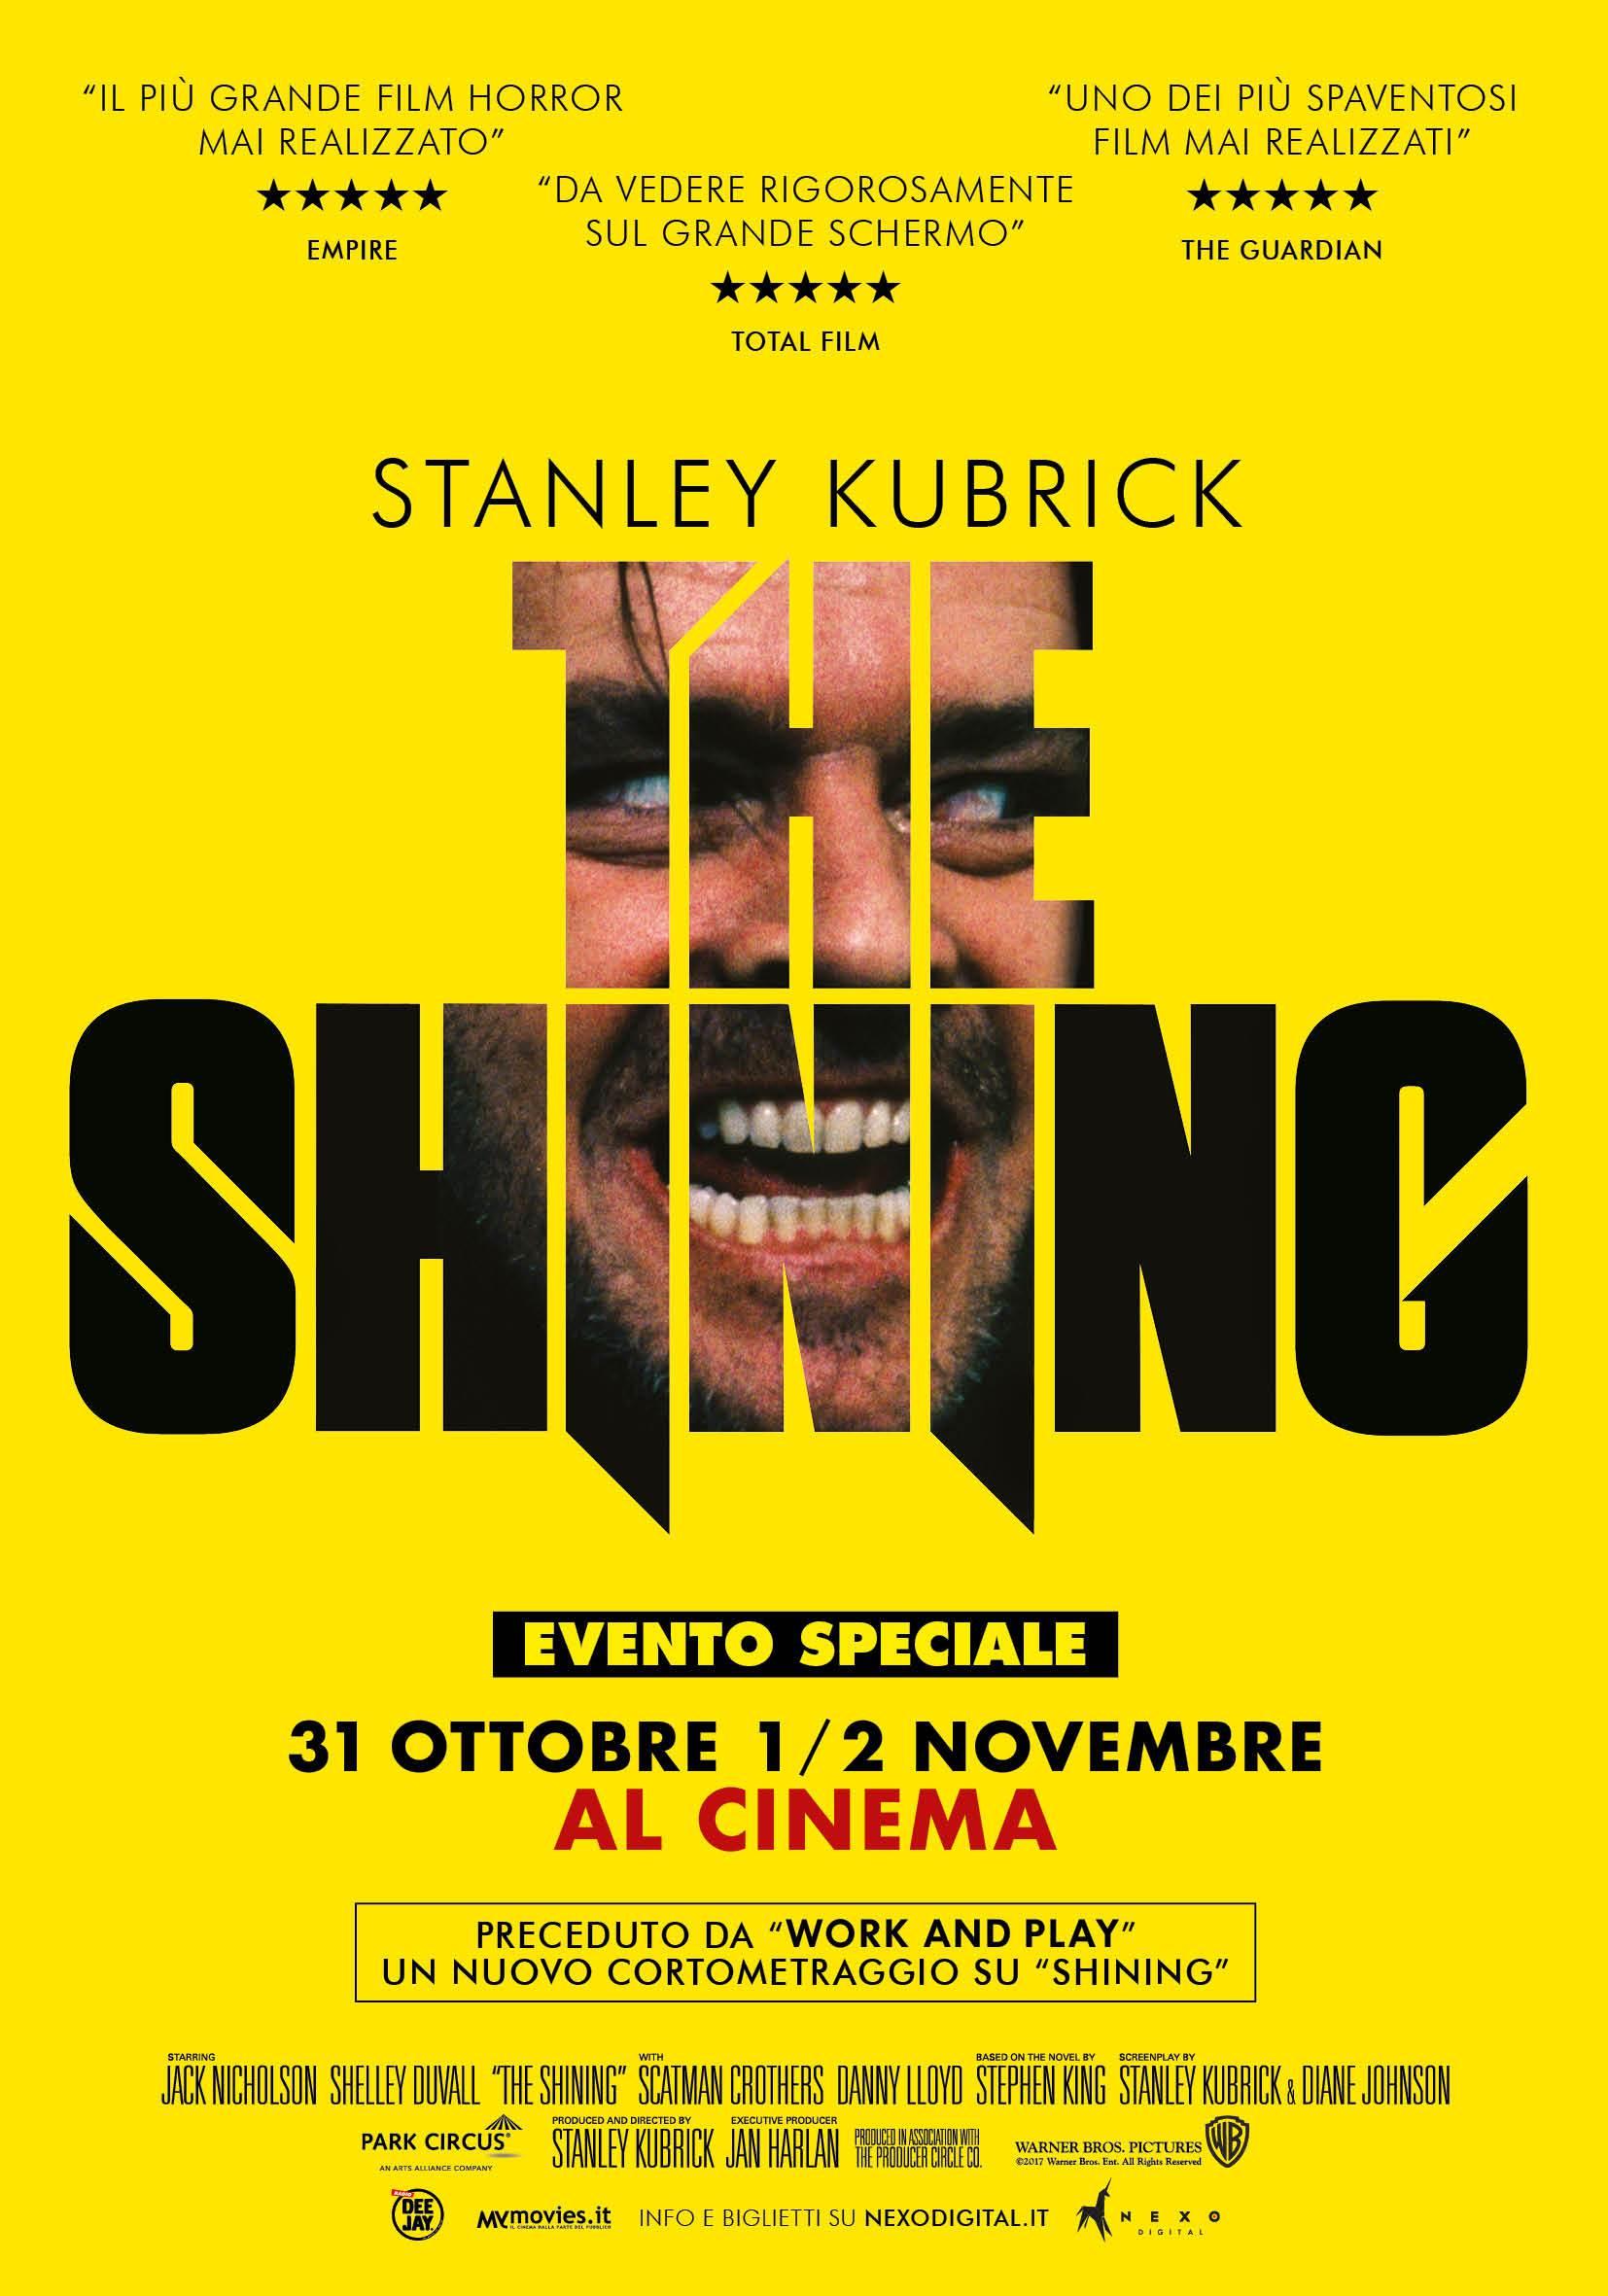 Perché dovete (ri)vedere Shining al cinema il weekend di #Halloween